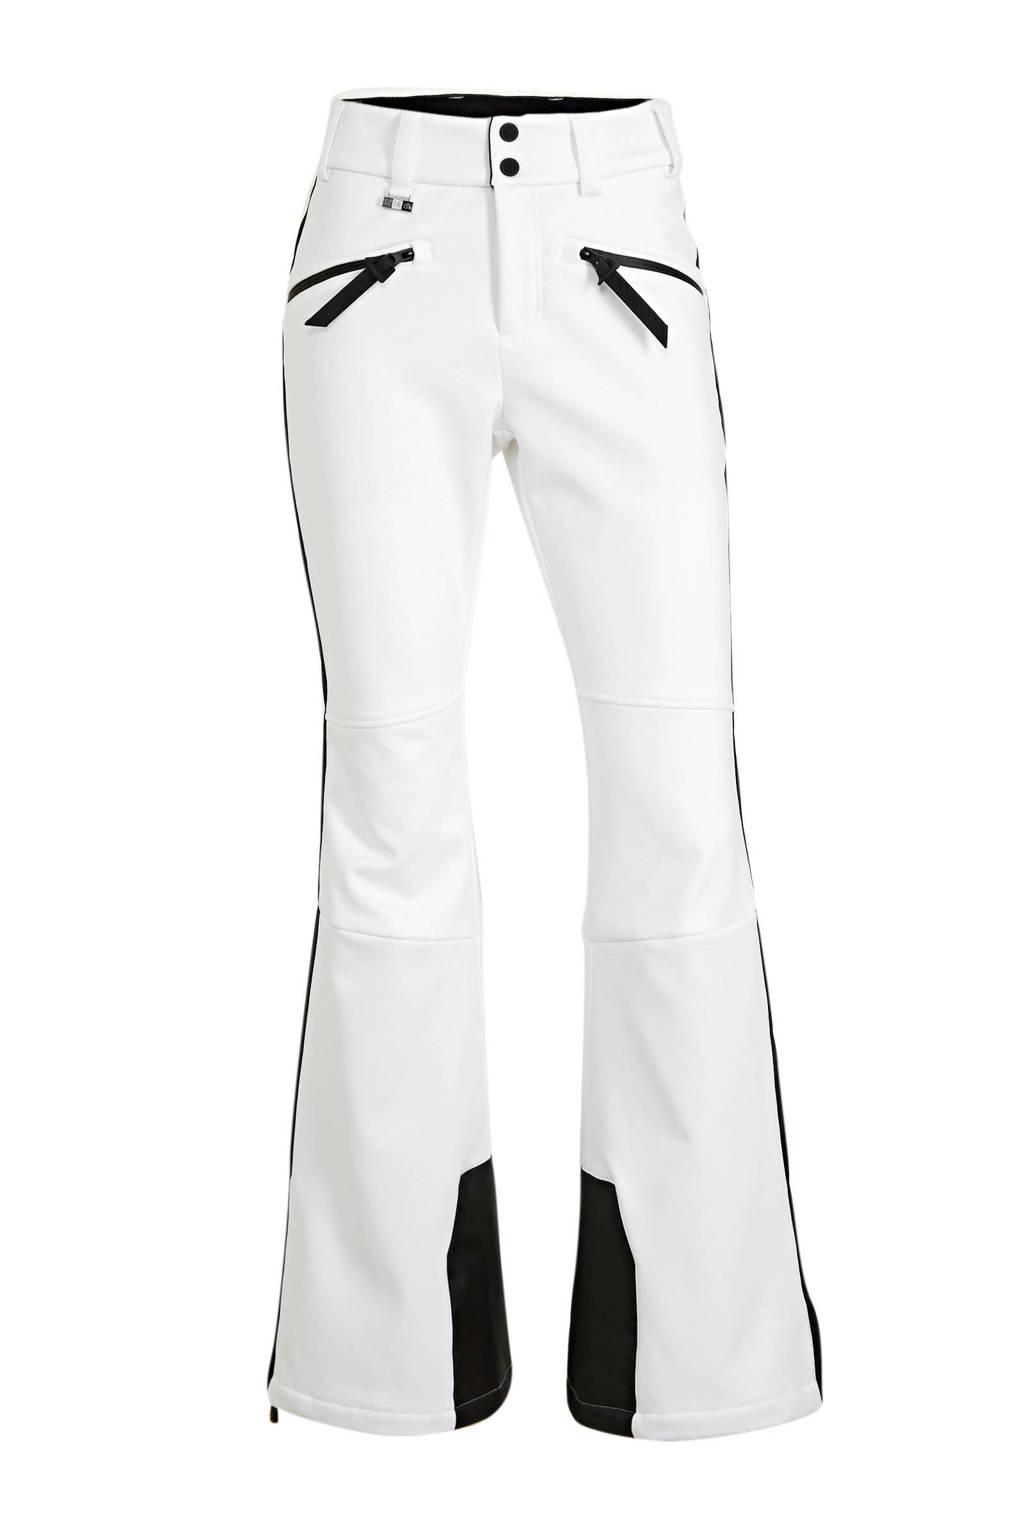 Superdry Sport skibroek wit/zwart, Wit/zwart